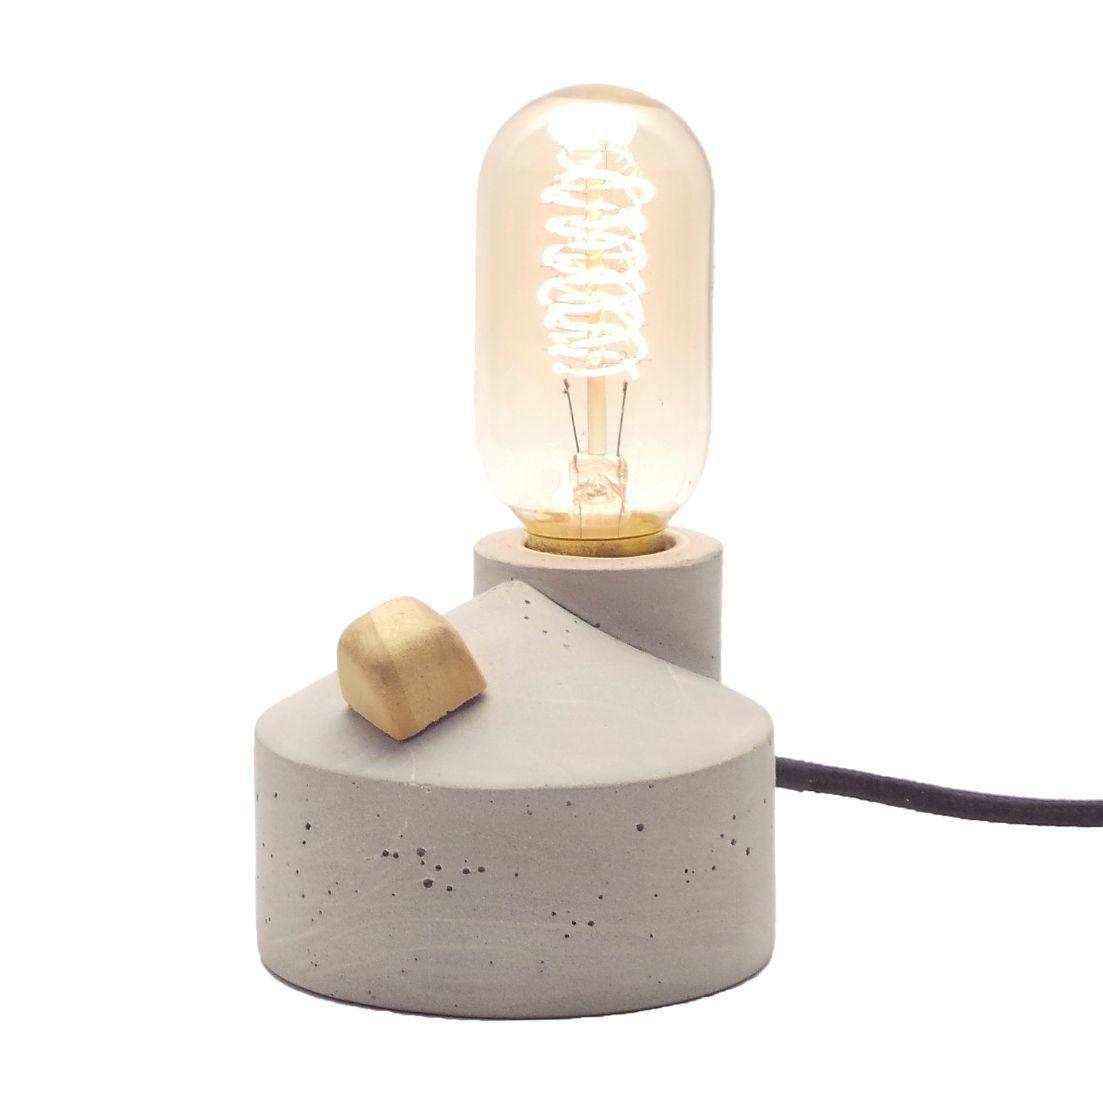 Luminária Zolt em Cimento Concreto Com Dimmer e Cabo de Tecido  - ZOLT luminárias